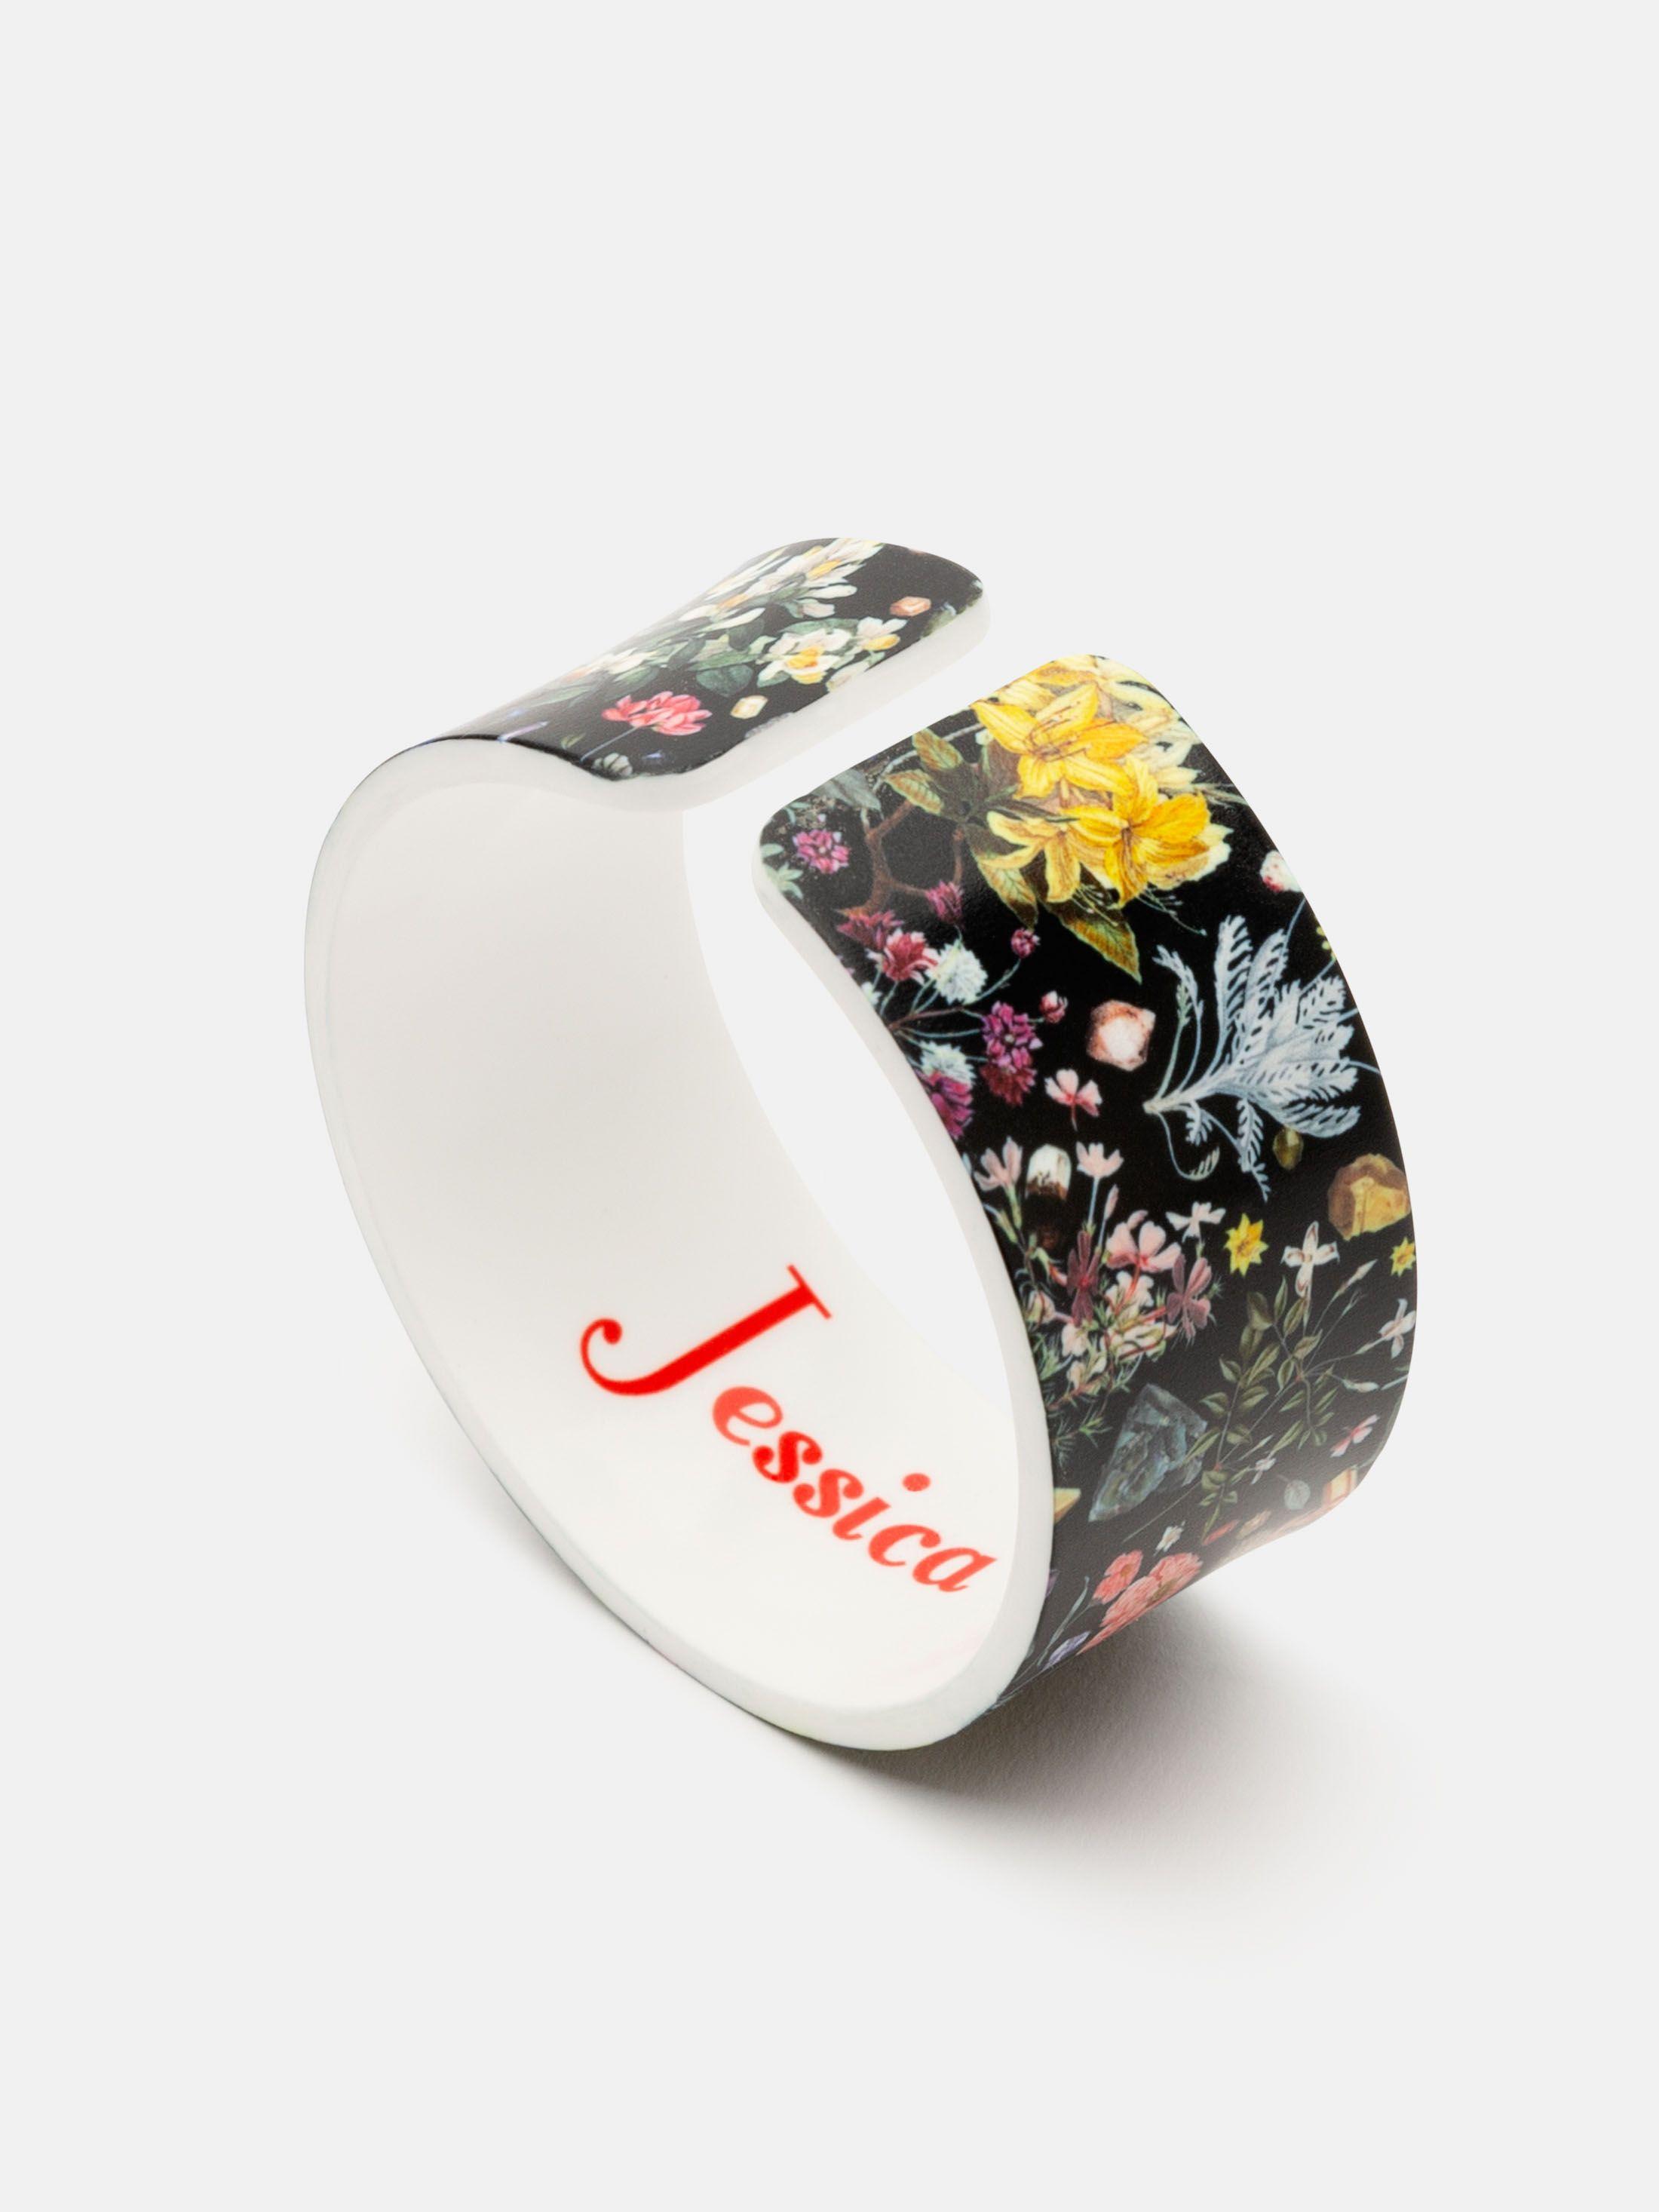 Impression sur bracelet en plastique léger